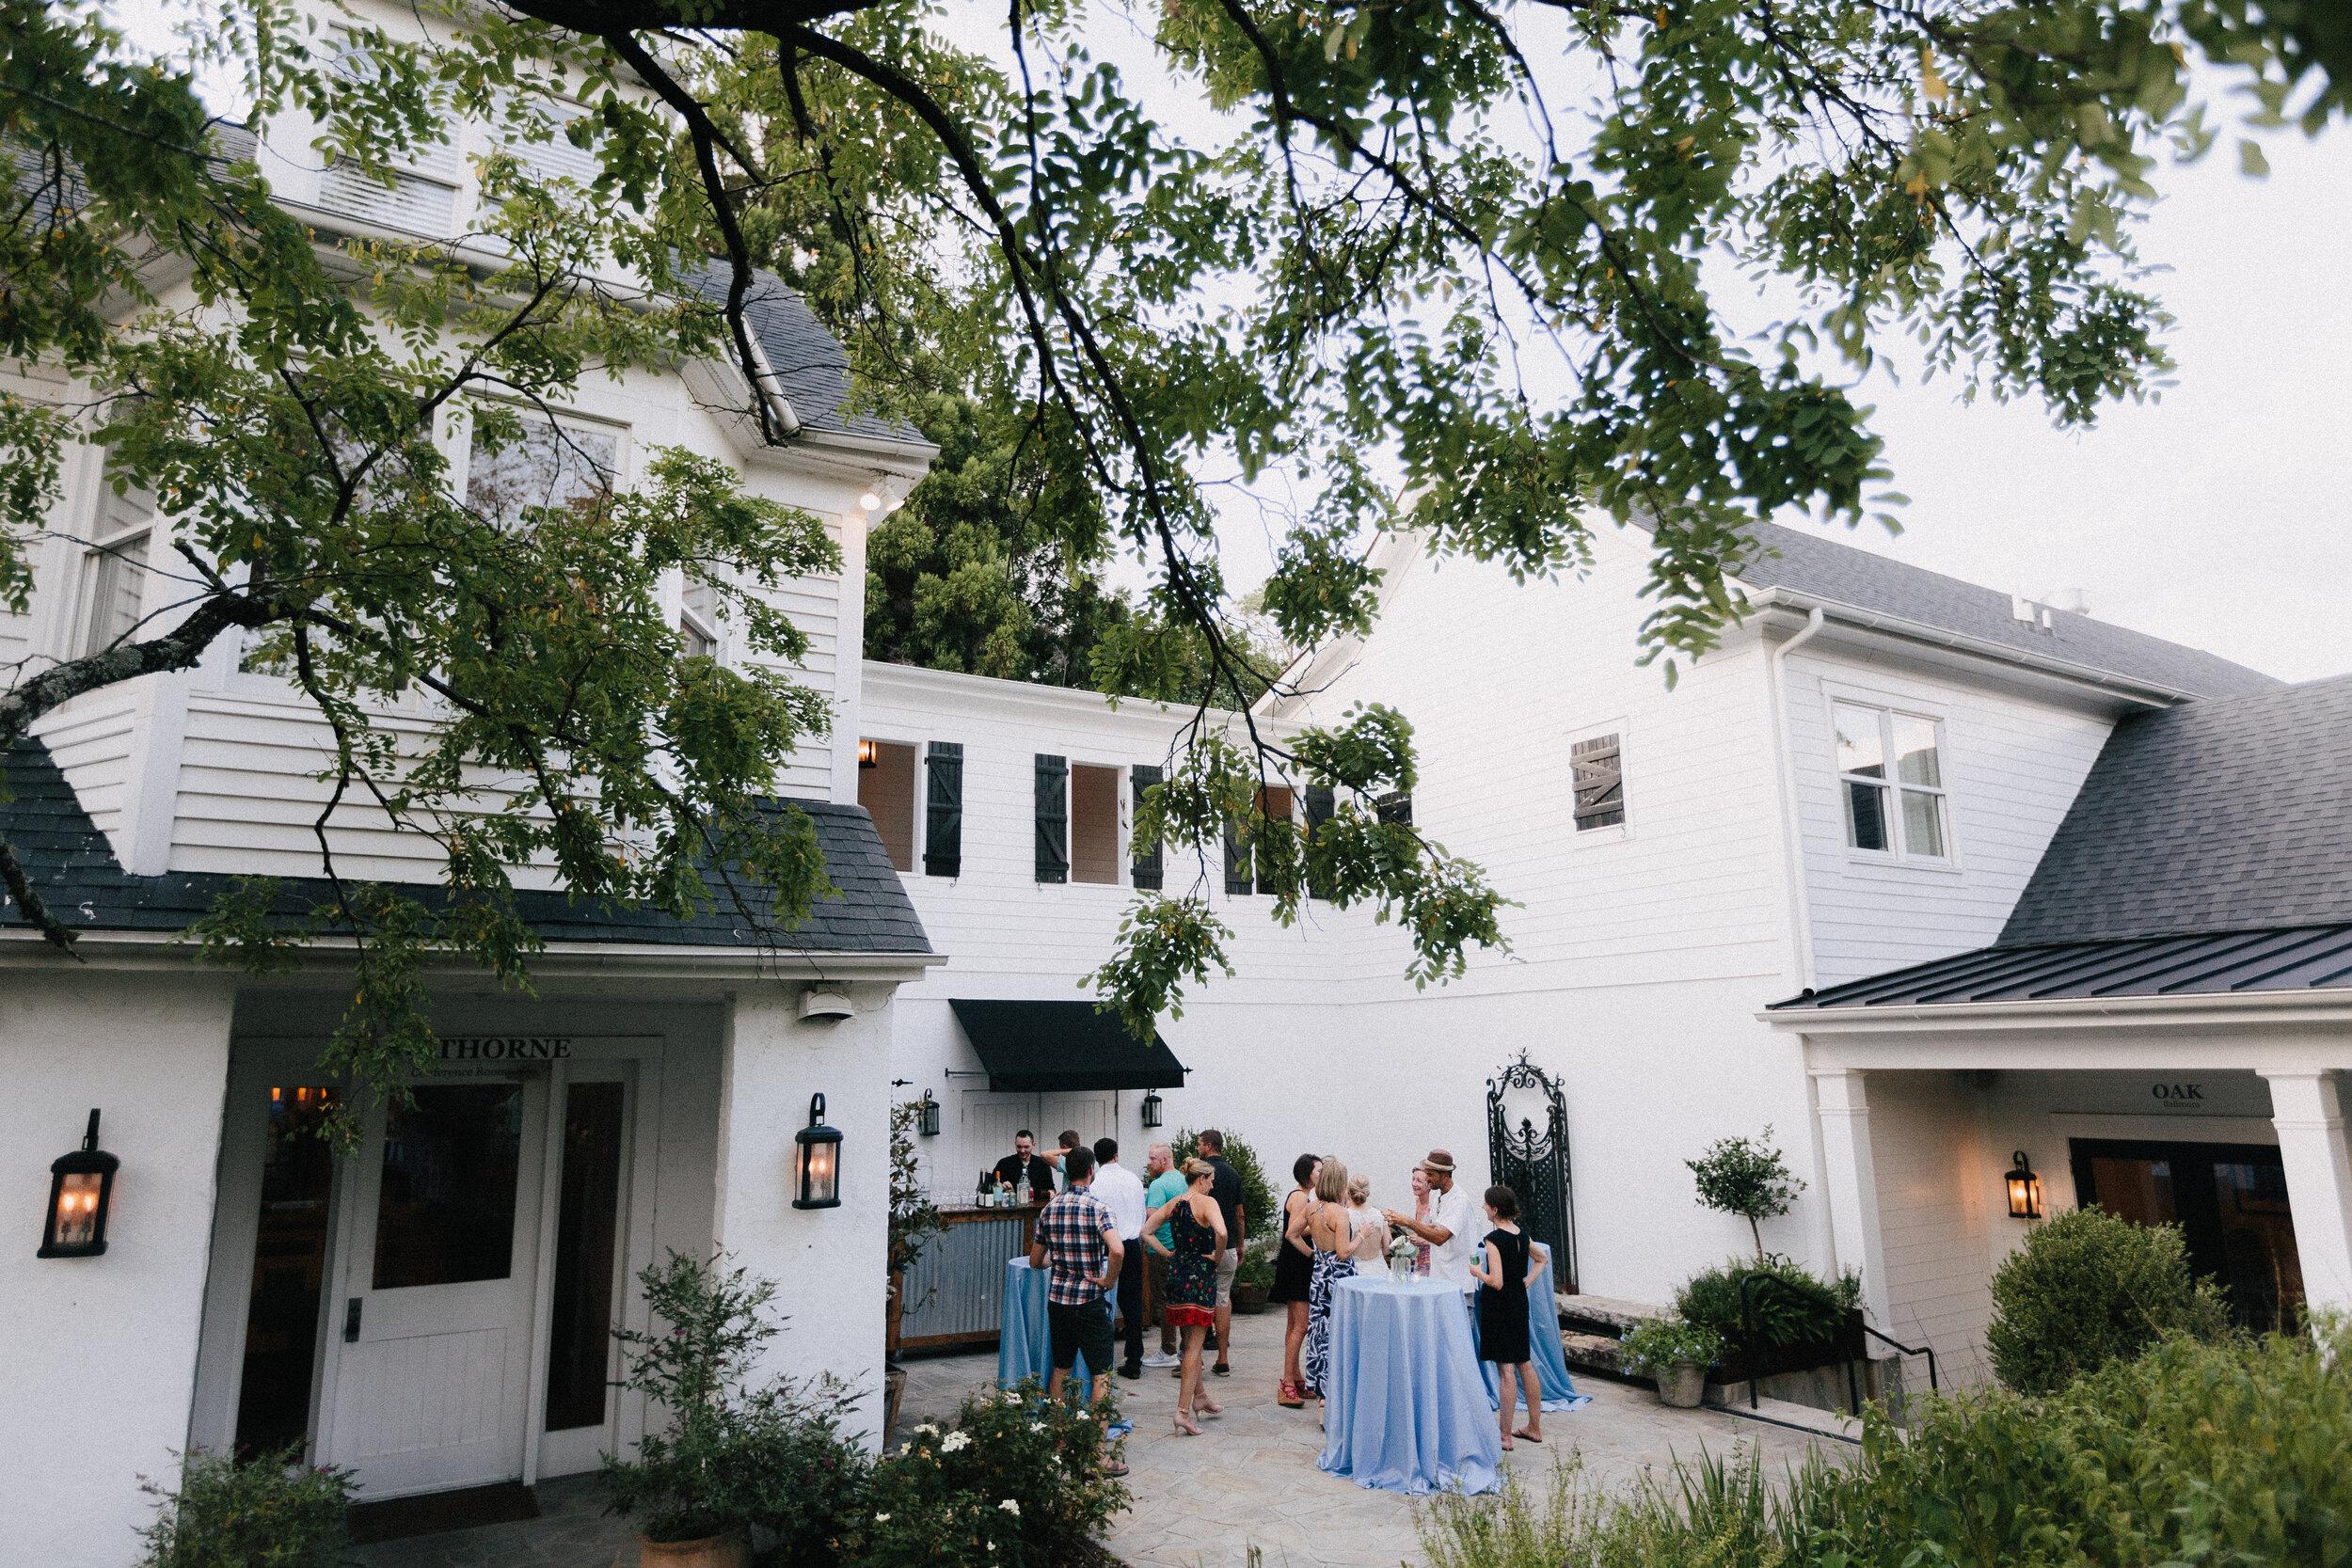 serenbe_forest_summer_wedding_farmhouse_guest_house_garden_3021.jpg